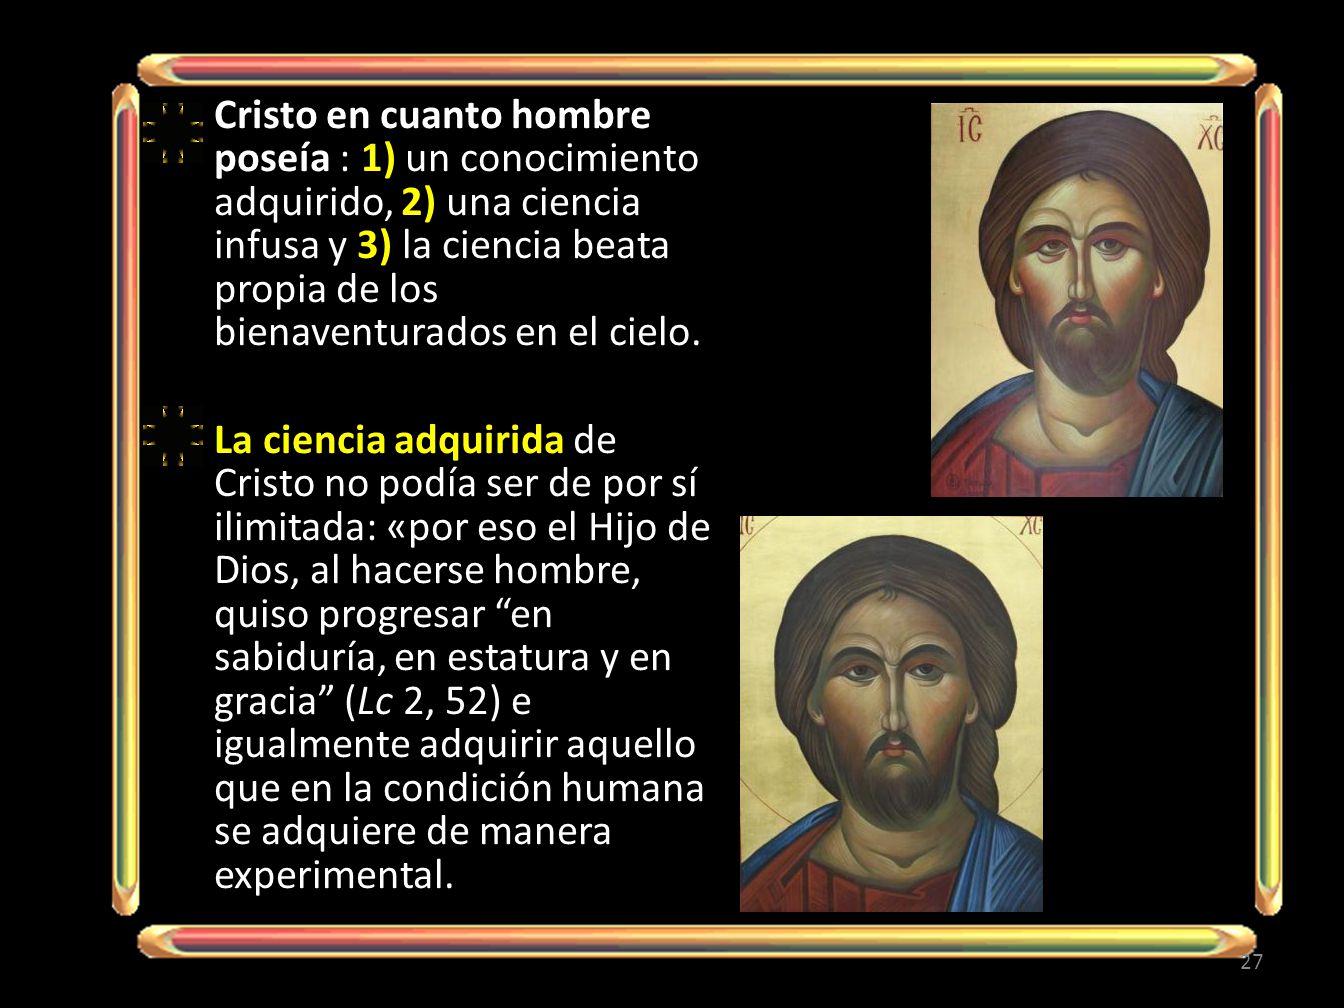 Cristo en cuanto hombre poseía : 1) un conocimiento adquirido, 2) una ciencia infusa y 3) la ciencia beata propia de los bienaventurados en el cielo.